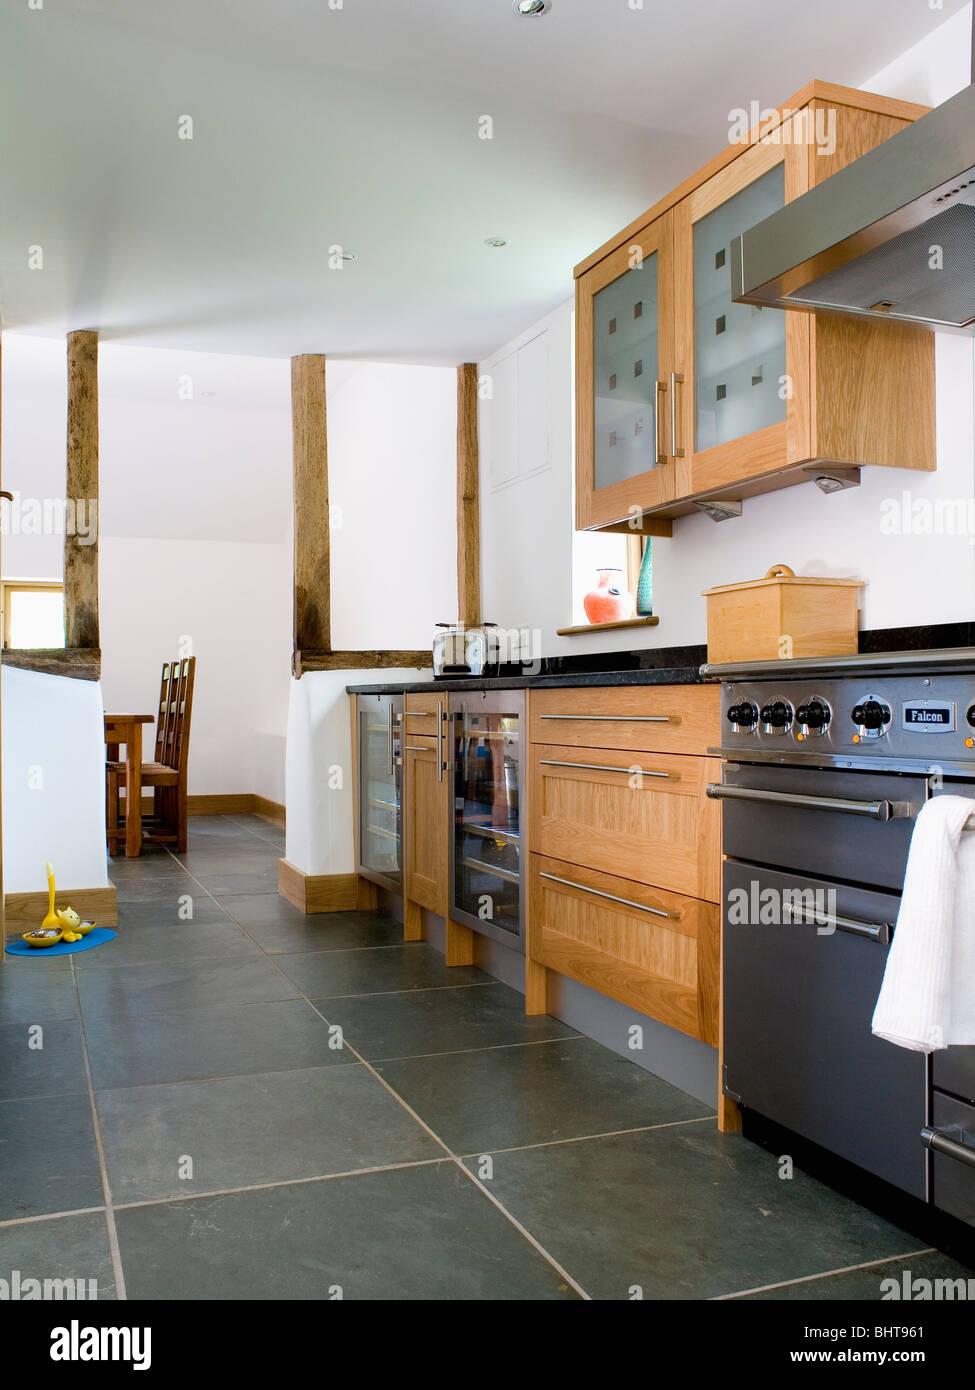 Schiefer-Bodenbelag in moderne Küche mit Edelstahl-Herd und Holz ...